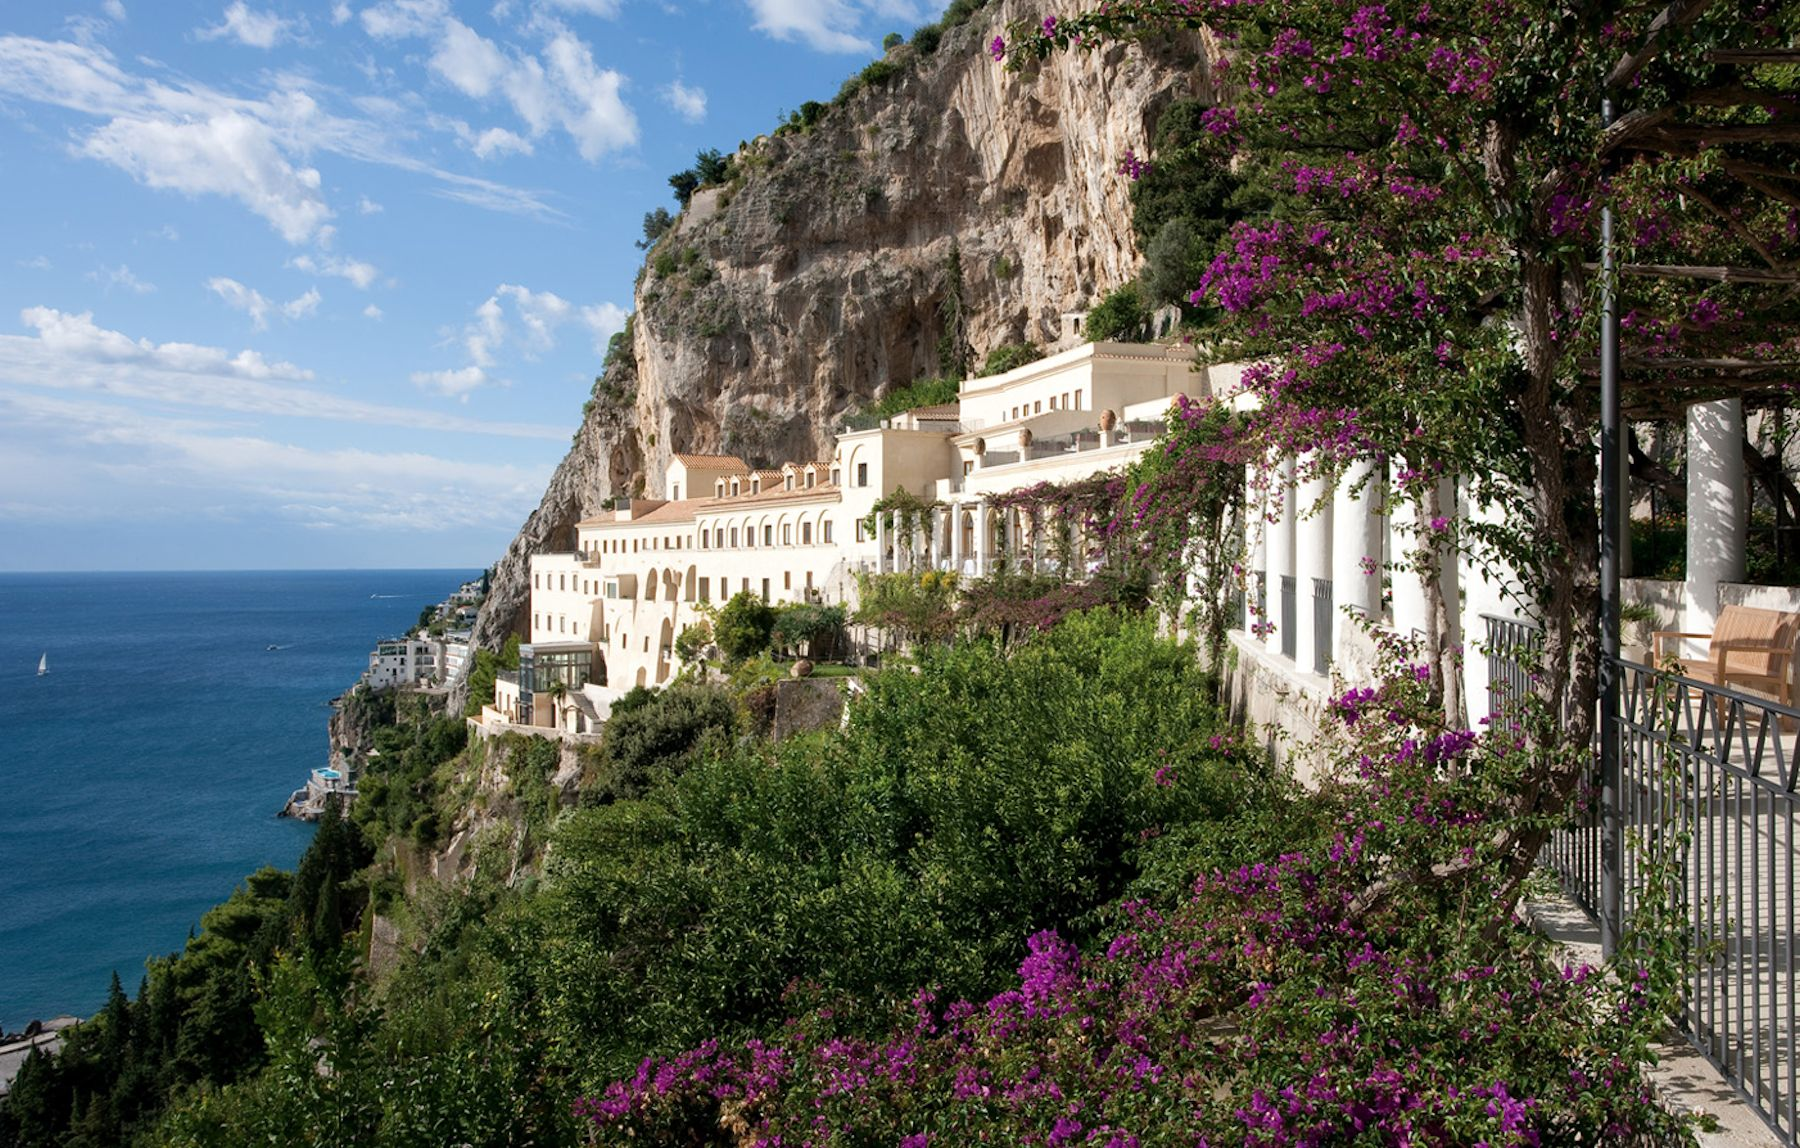 Grand Hotel Convento di Amalfi Italie, hotel de luxe cote amalfitaine